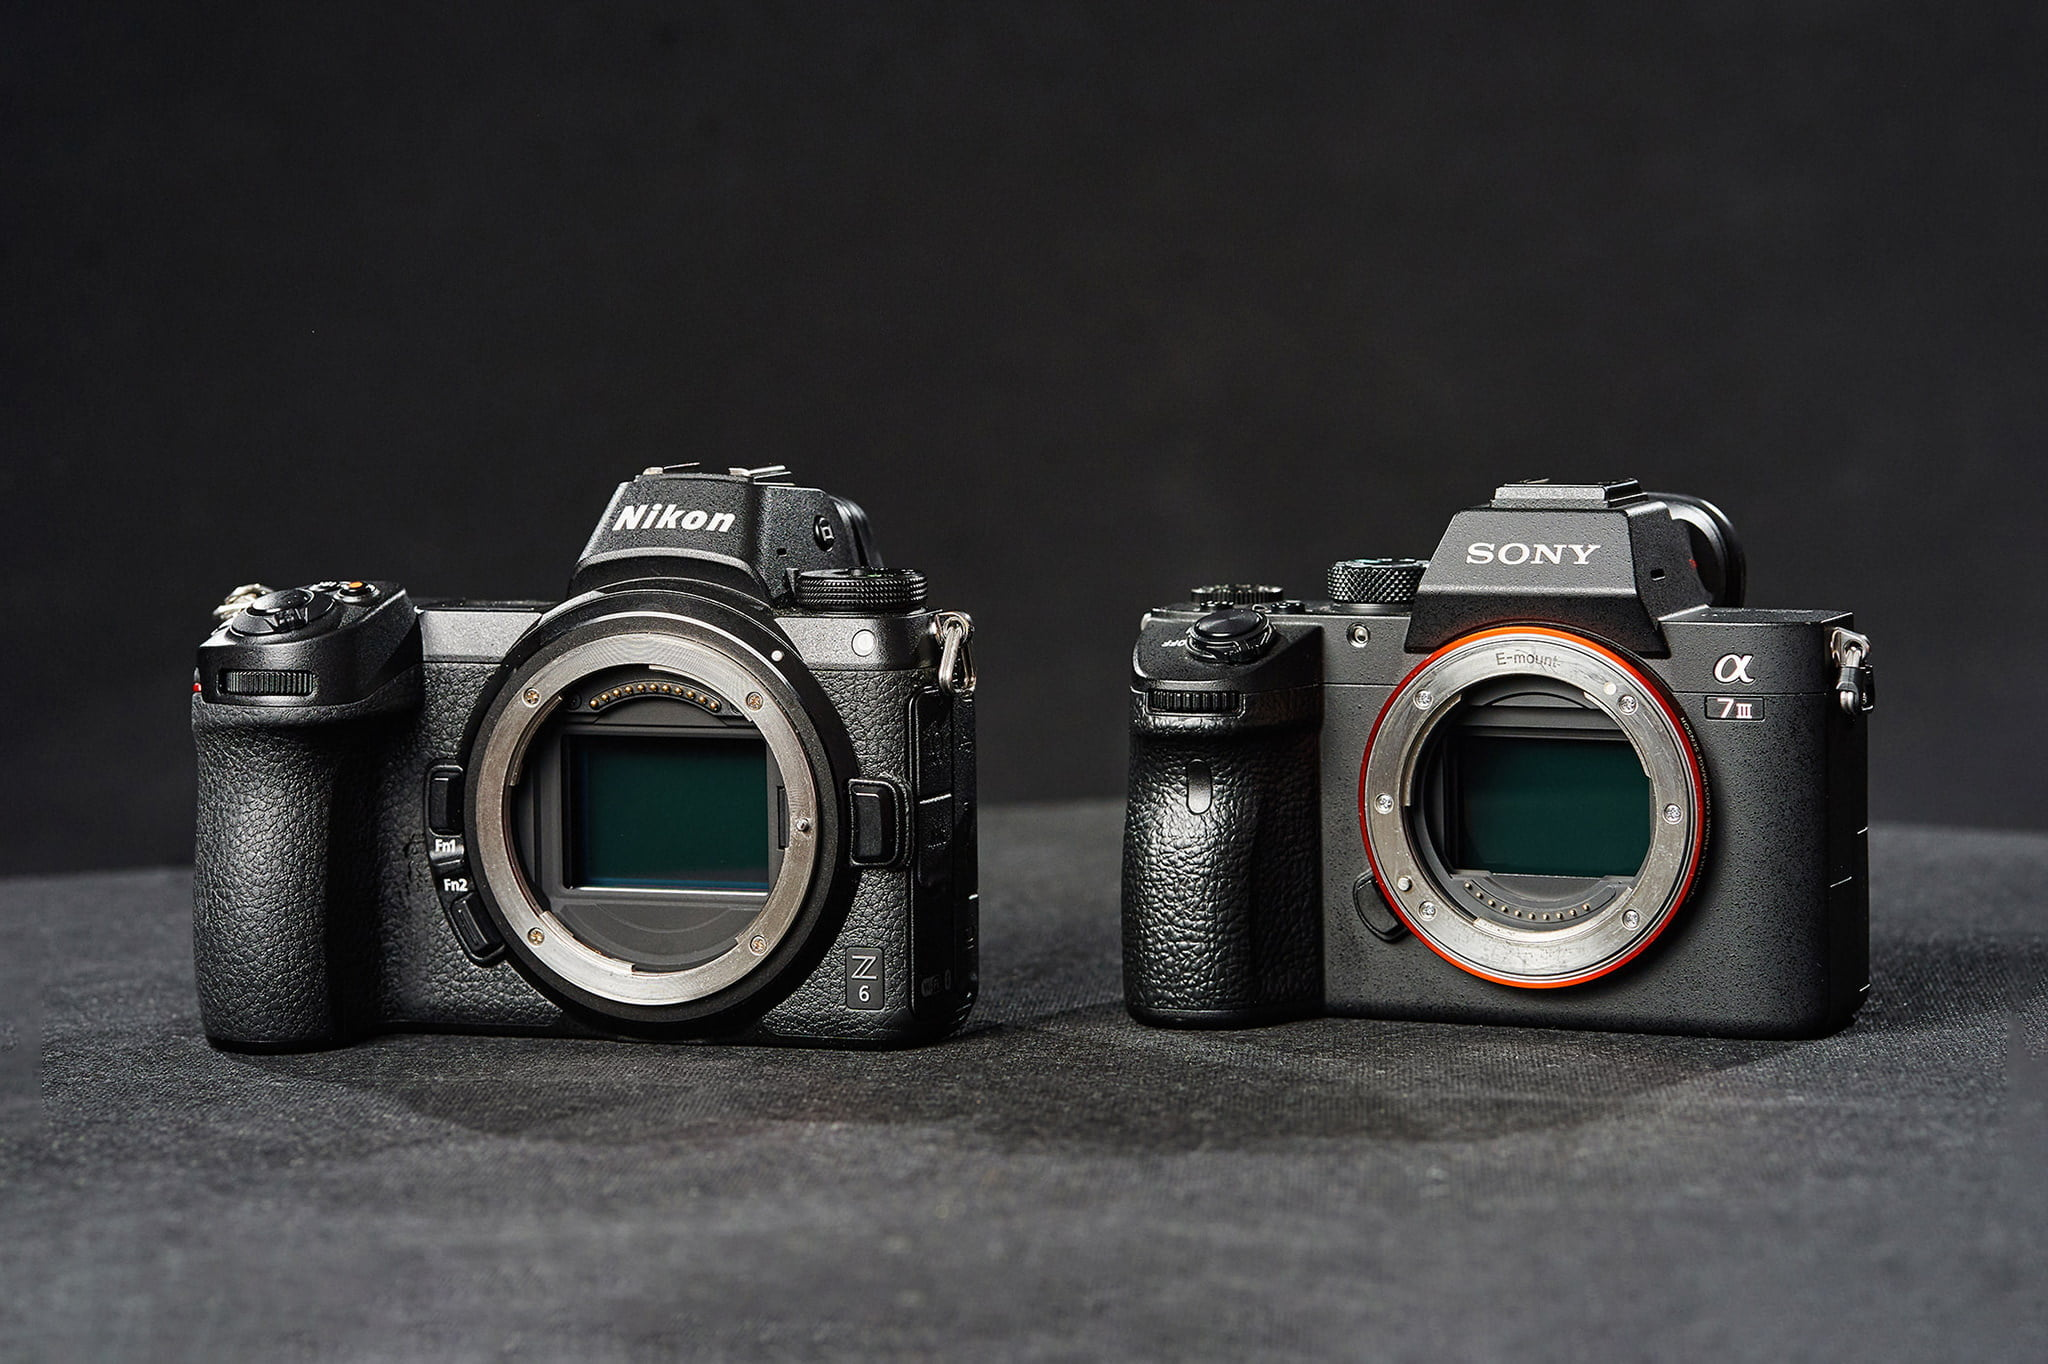 Nikon Z6 vs Sony A7III – Praktycznie porównanie aparatów Nikon i Sony